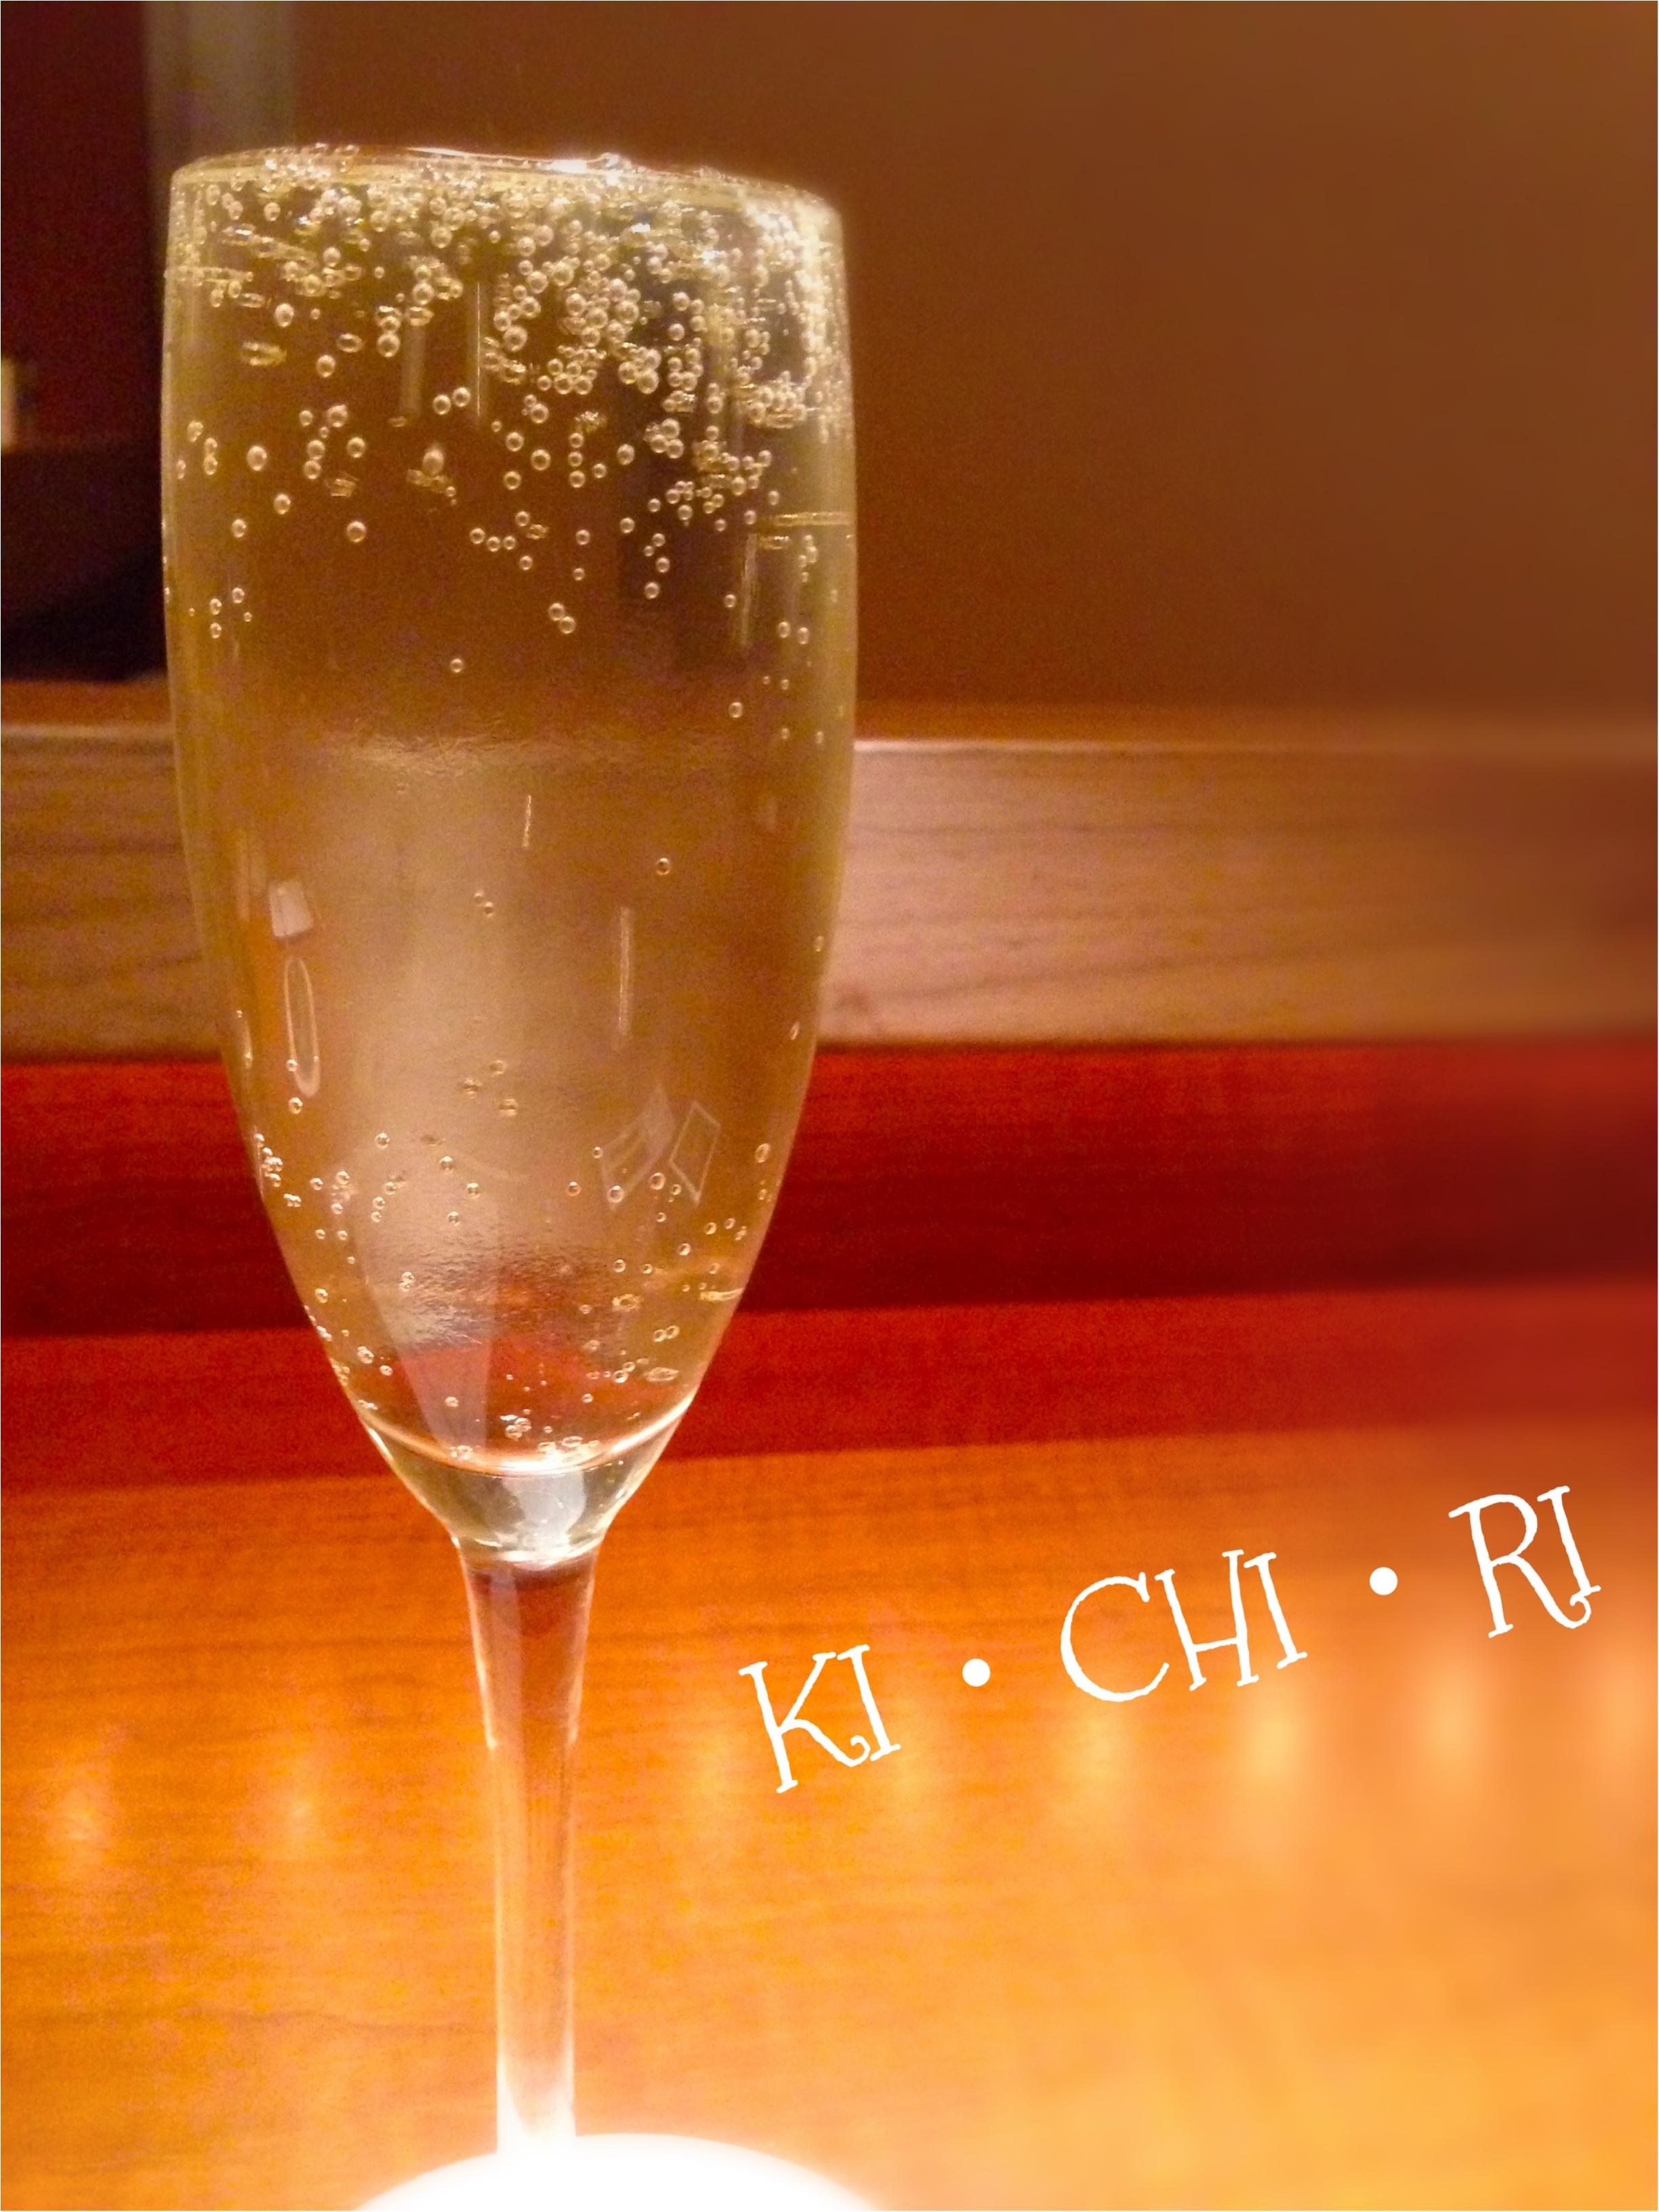 女子会で使うのもよし✨カップルで行くもよしの【KI・CHI・RI】今宵はここで一杯いかが( ´艸`)?_1